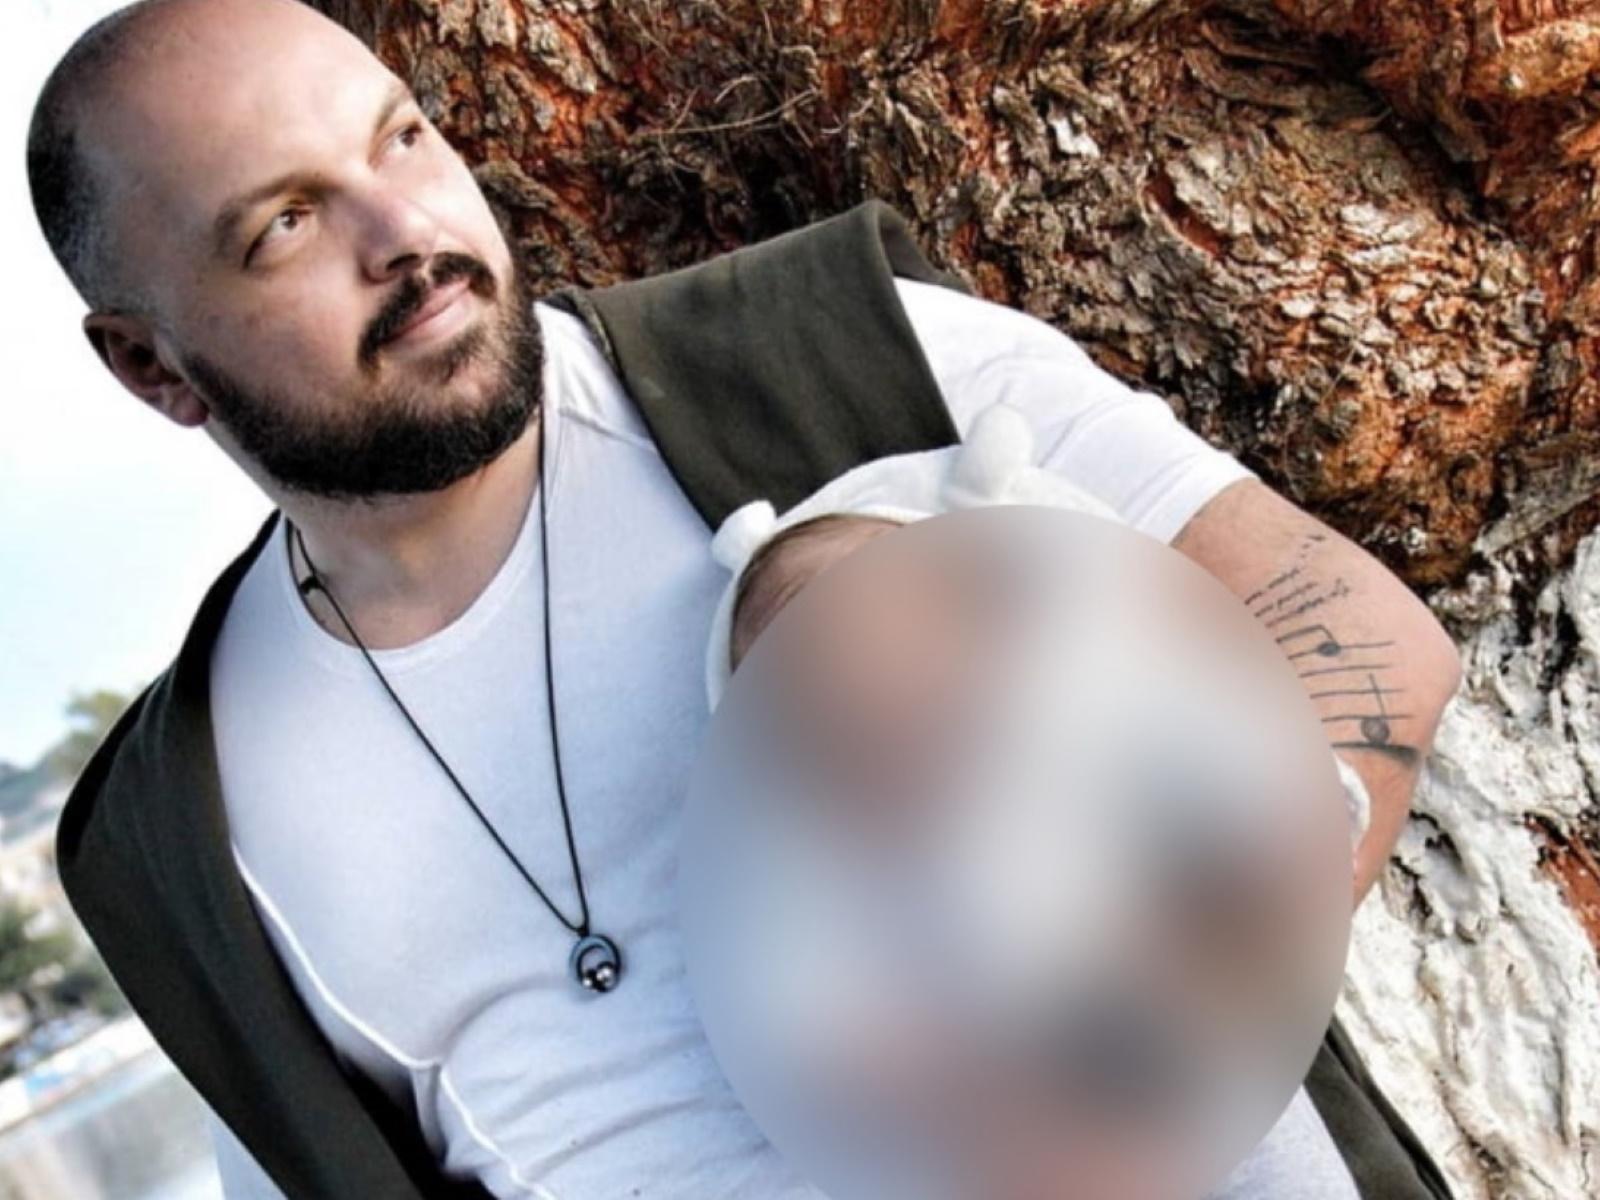 Δημήτρης Μπέλλος: Σοκ με τον θάνατο του γνωστού Dj – Πώς κόλλησε κορονοϊό